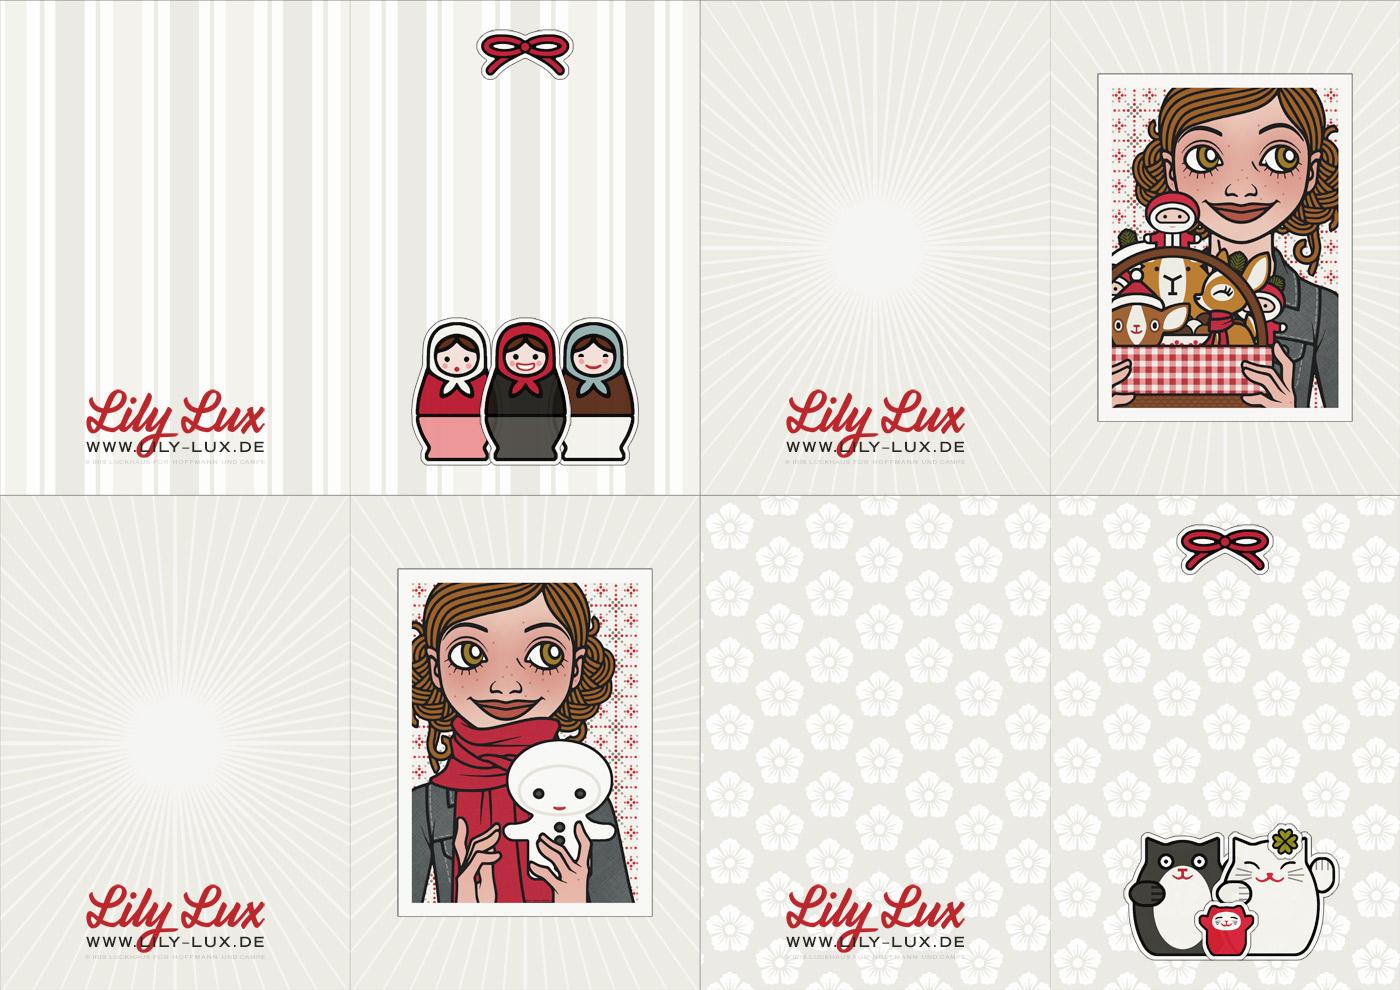 Vorlage für weihnachtliche Geschenkanhänger zum Ausdrucken und Selberbasteln mit Passbildern von Lily Lux und ihren Freunden